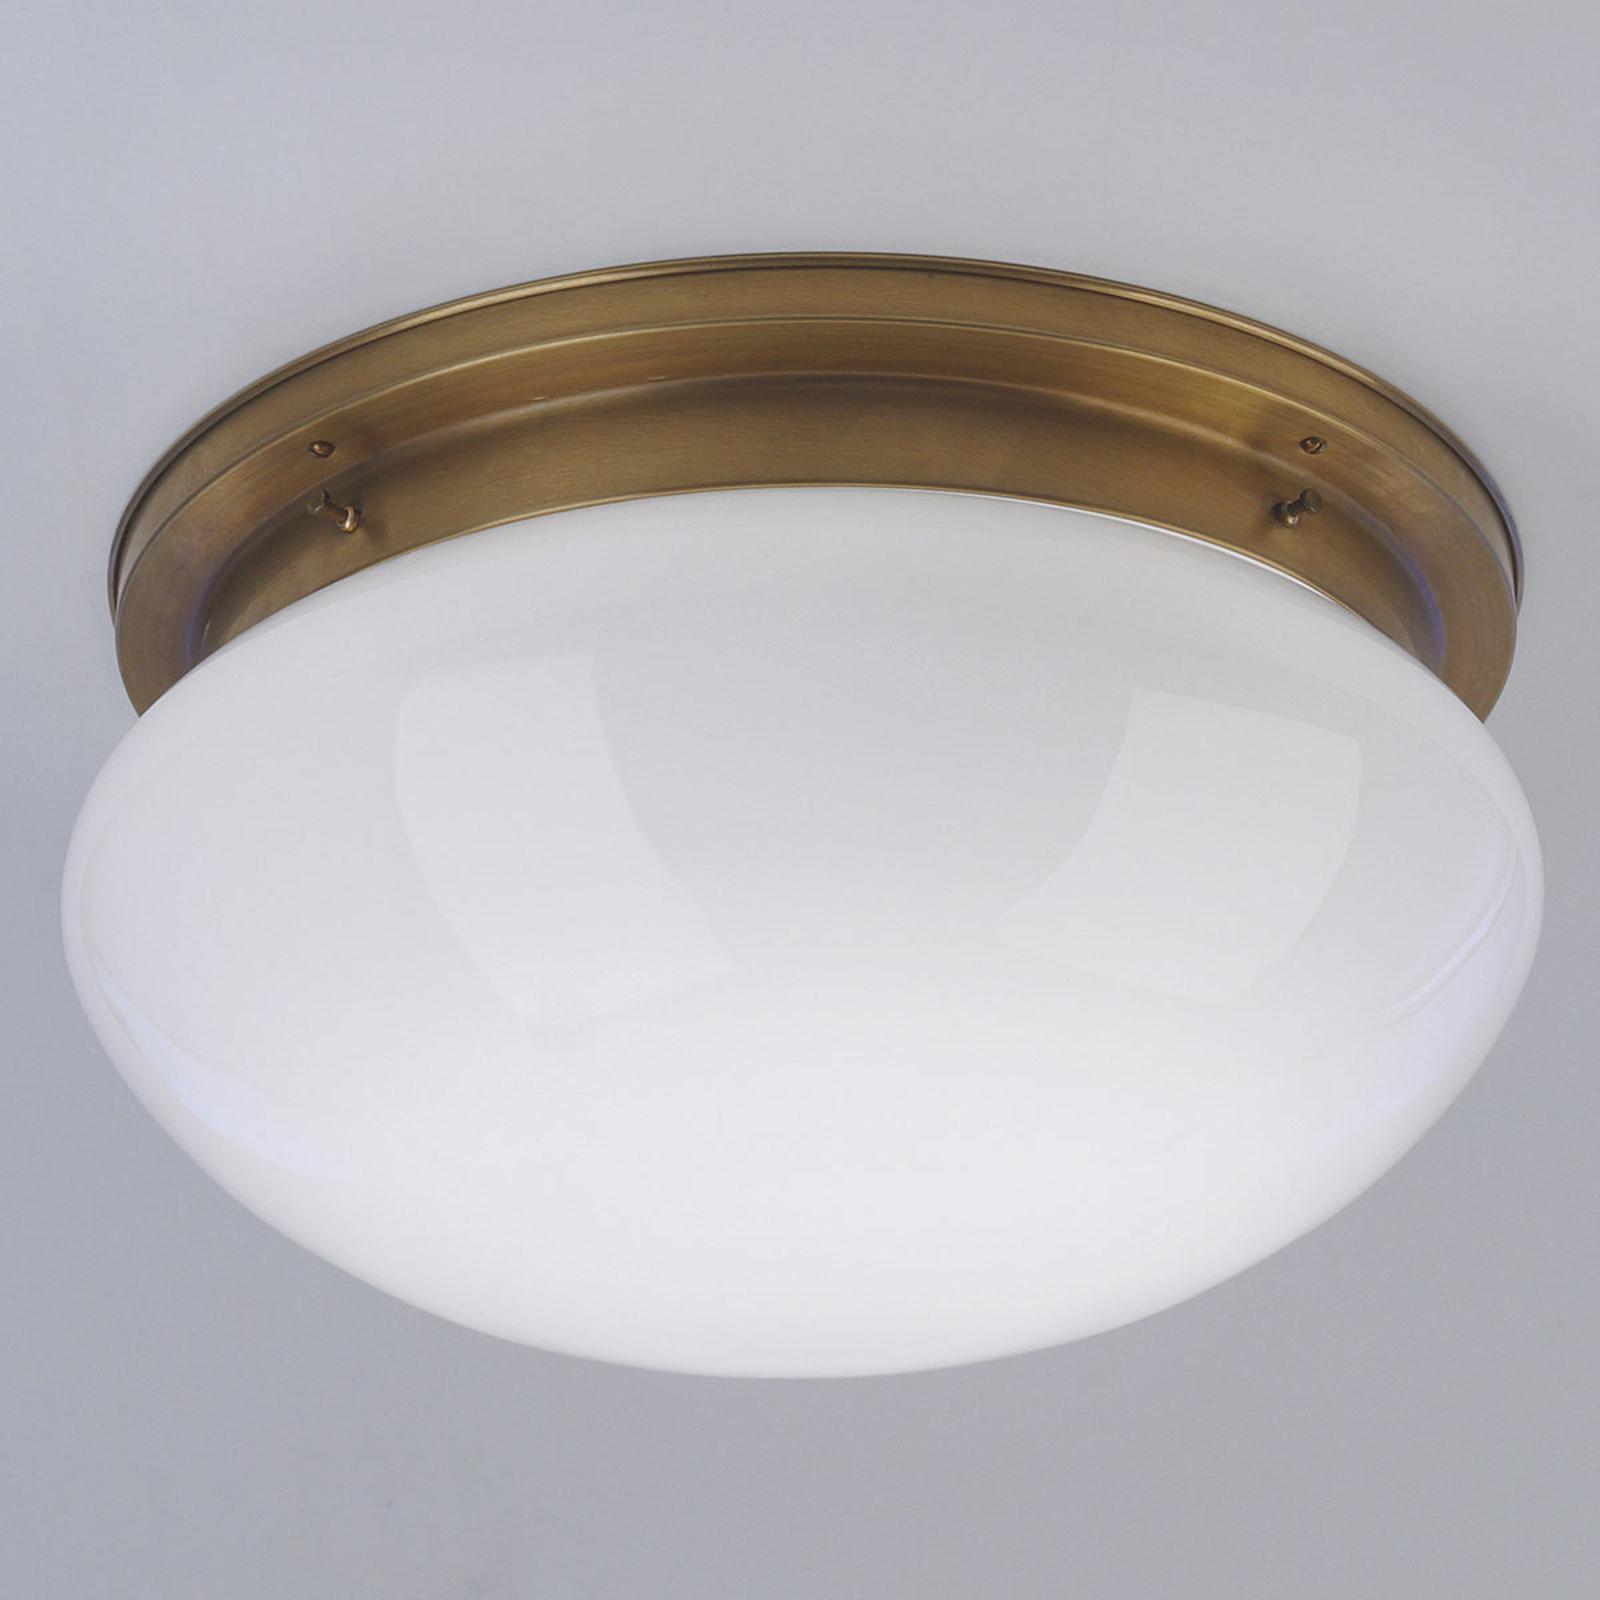 Duża lampa sufitowa Harry z mosiądzu Ø 40cm